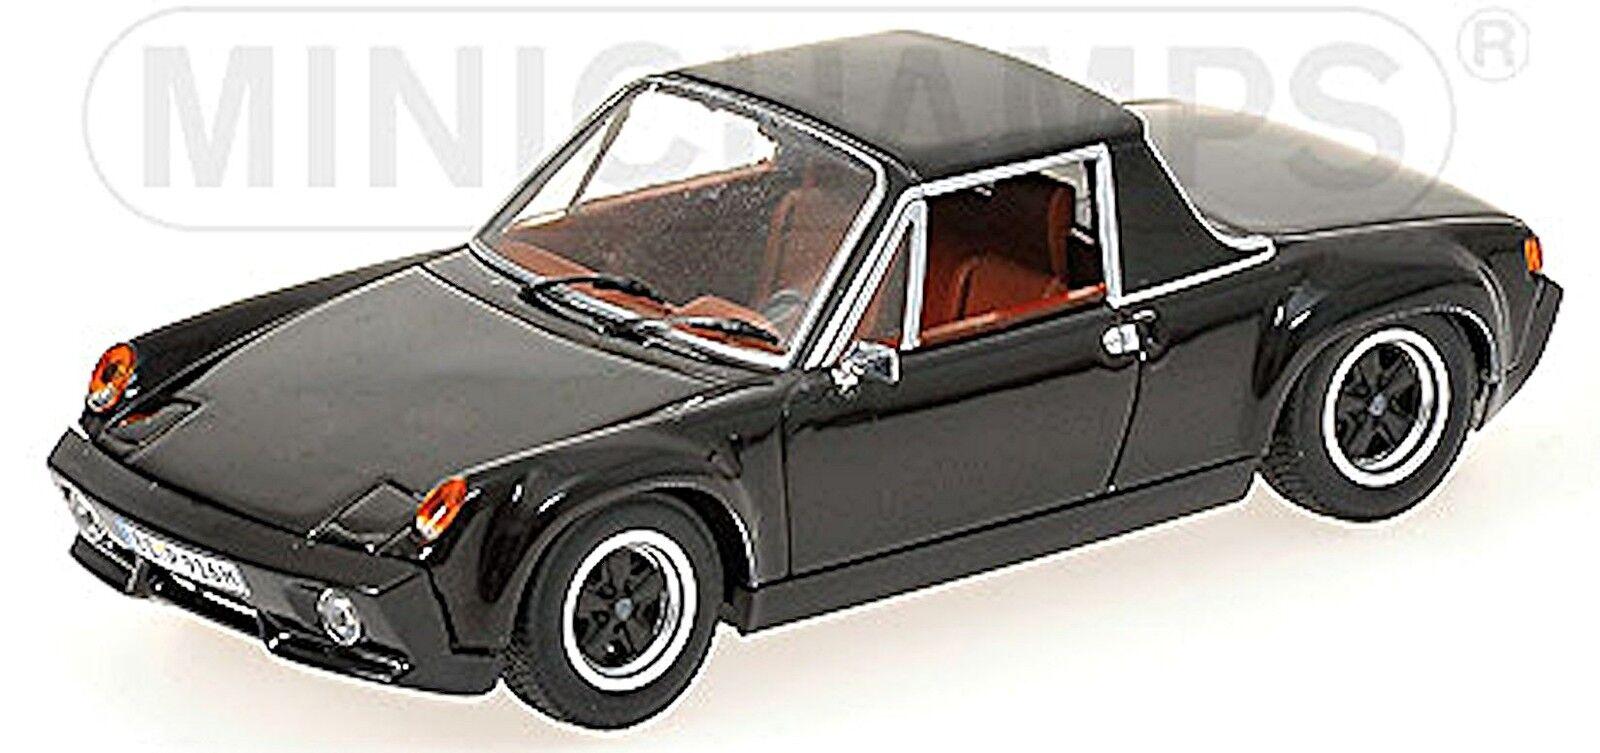 Noël, envoie de la joie Porsche 916 1971 Noir Black 1:43 MINICHAMPS | Pratique Et économique  | être Nouvelle Dans La Conception